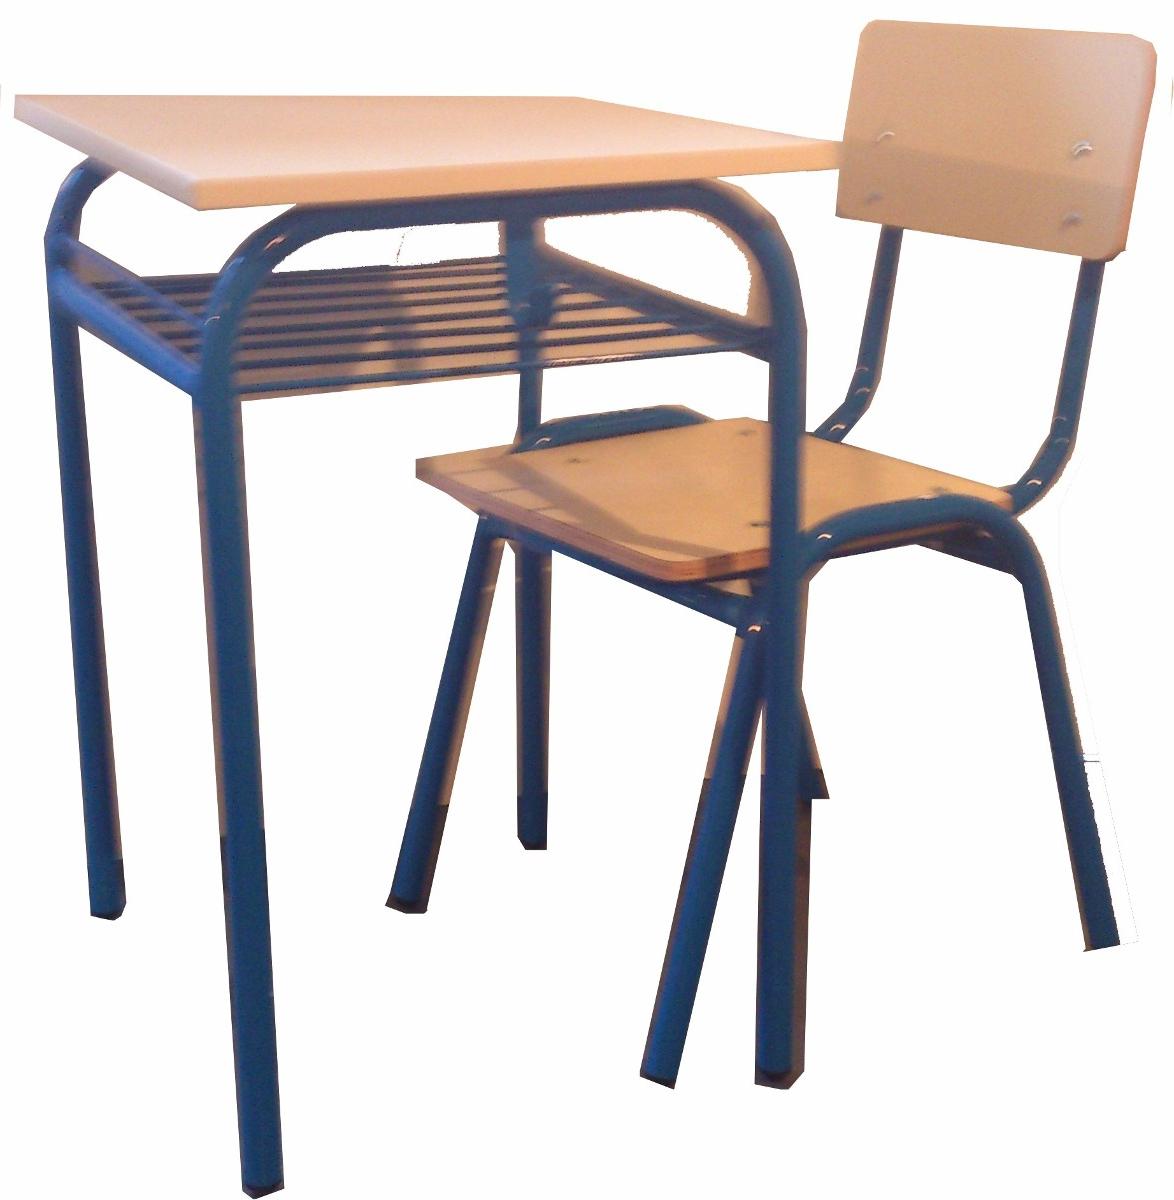 Silla Colegio E6d5 Juego Silla Y Mesa Pupitre Premium Colegio Universidad 3 150 00